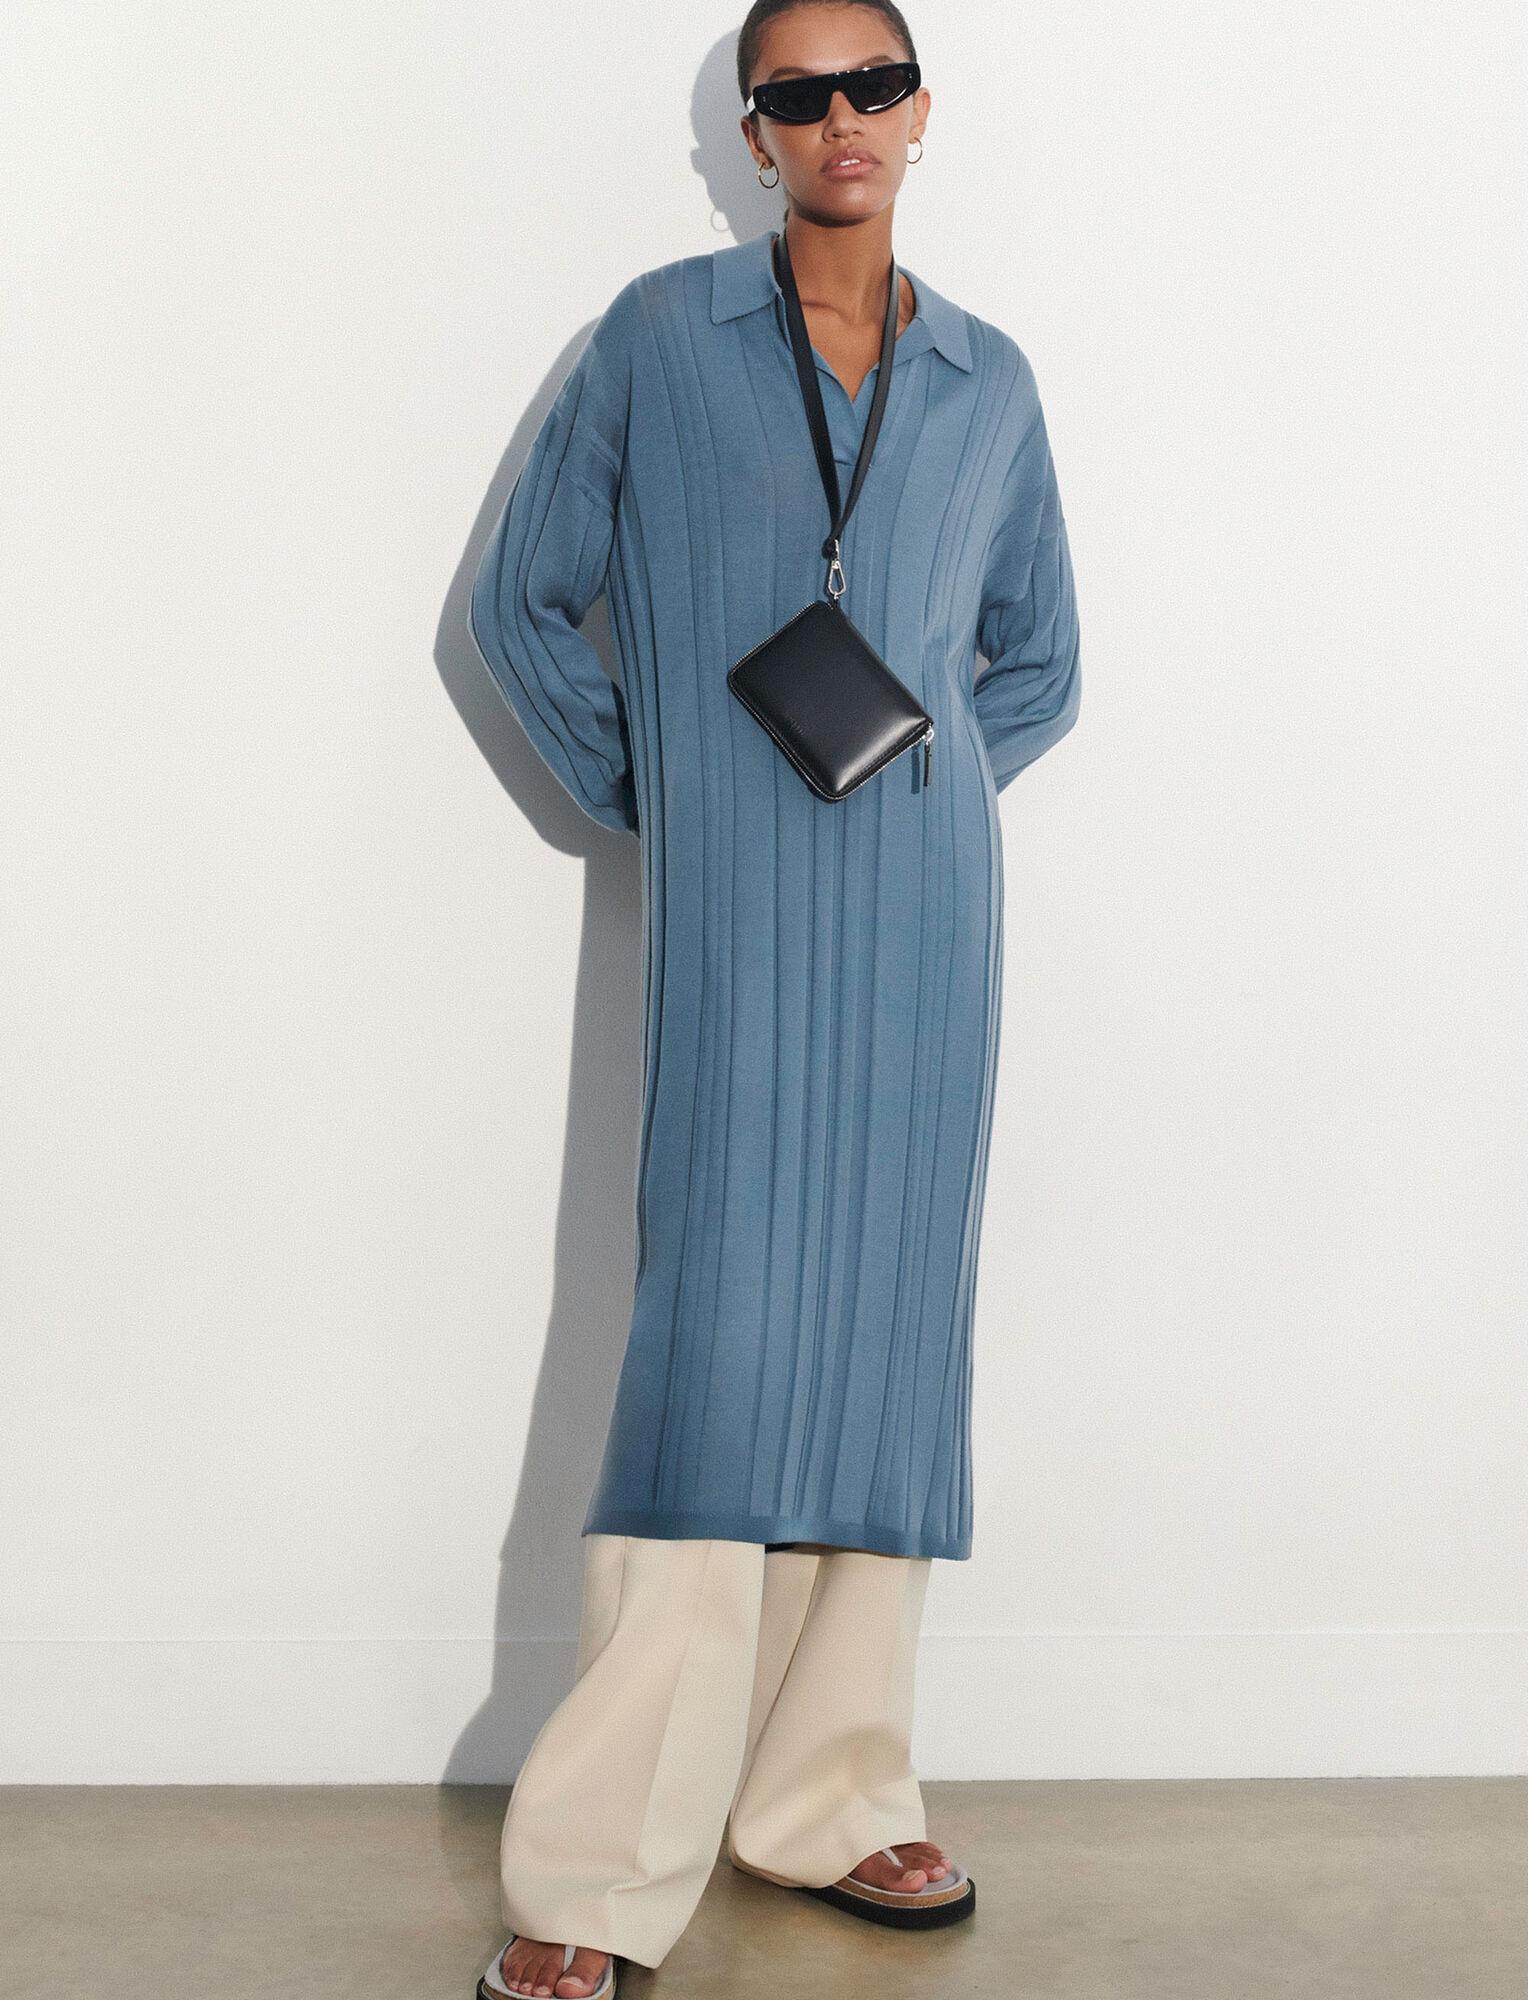 Joseph, Fine Merinos Oversized Dress, in BLUE STEEL